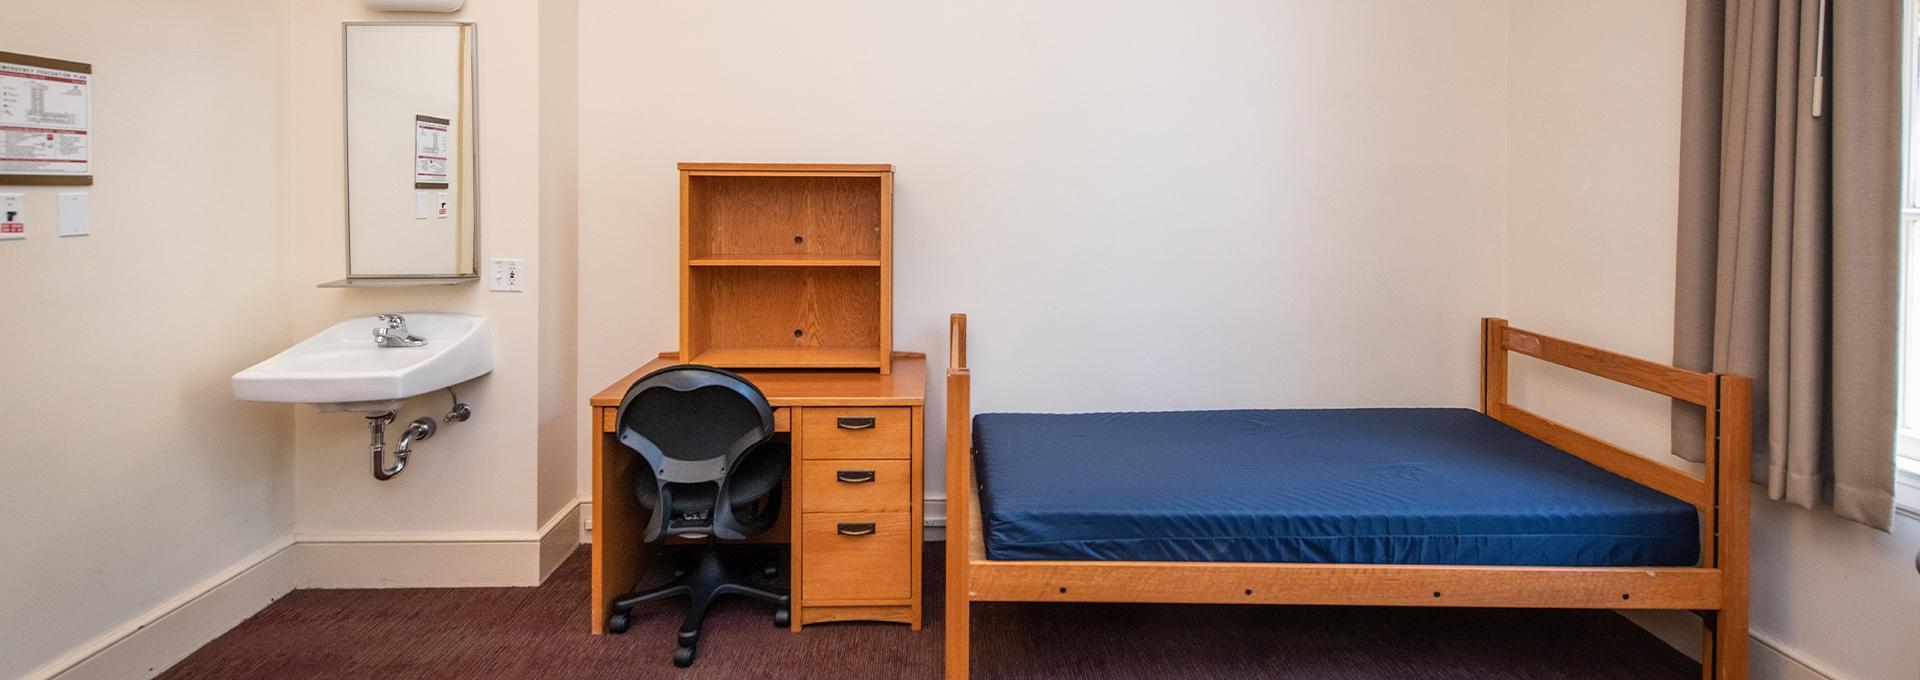 Move-In and Checklist